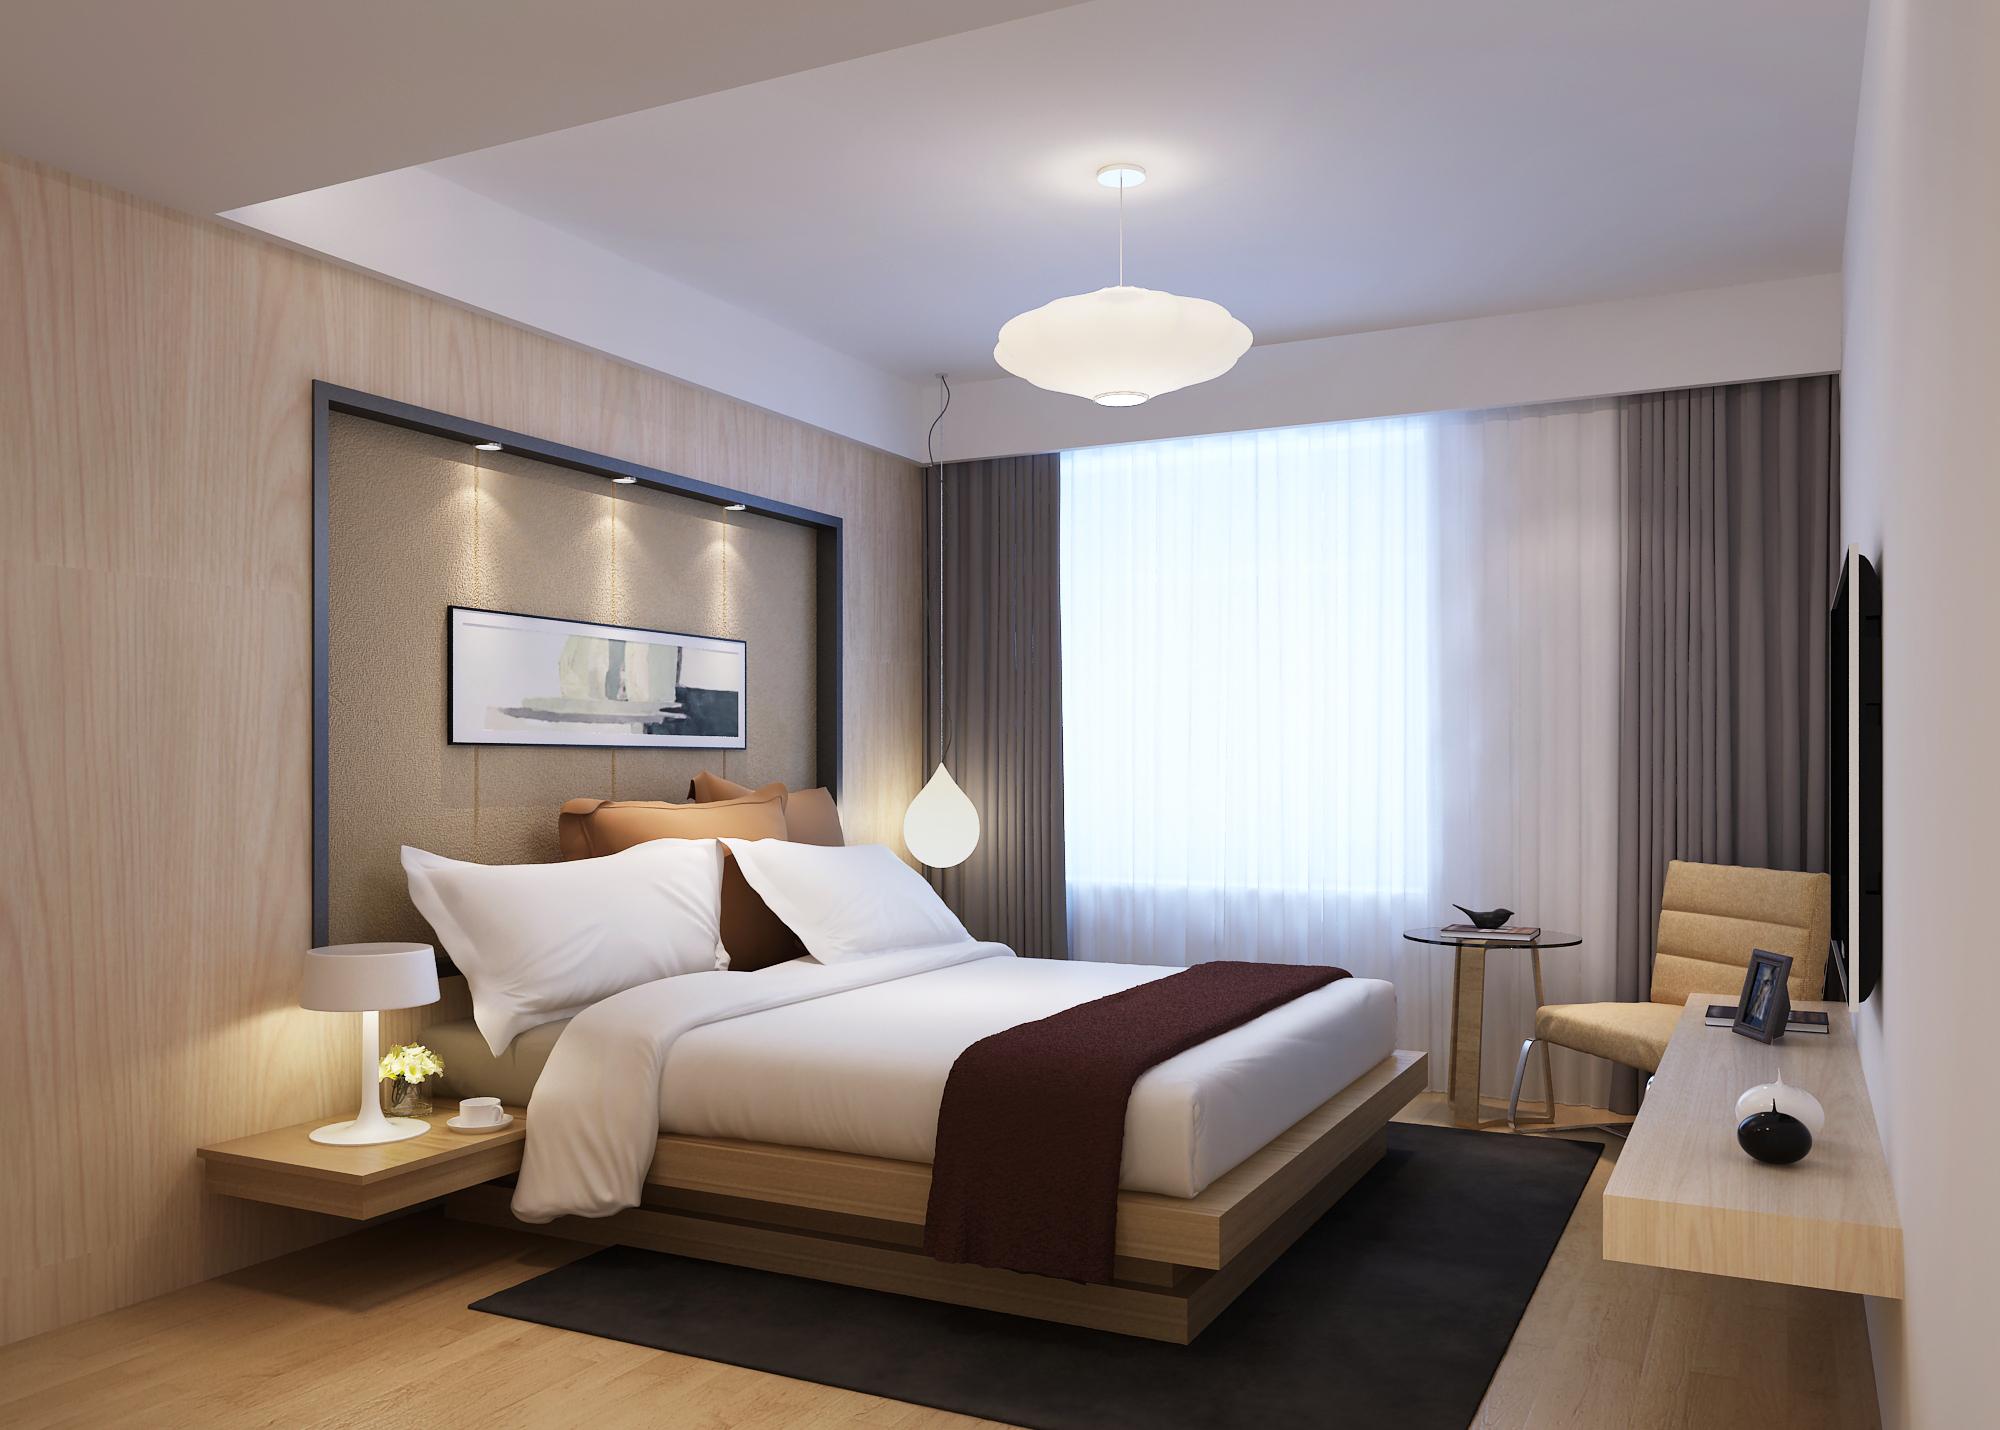 3d Wallpaper For Master Bedroom Modern Bedroom 3d Model Max Cgtrader Com